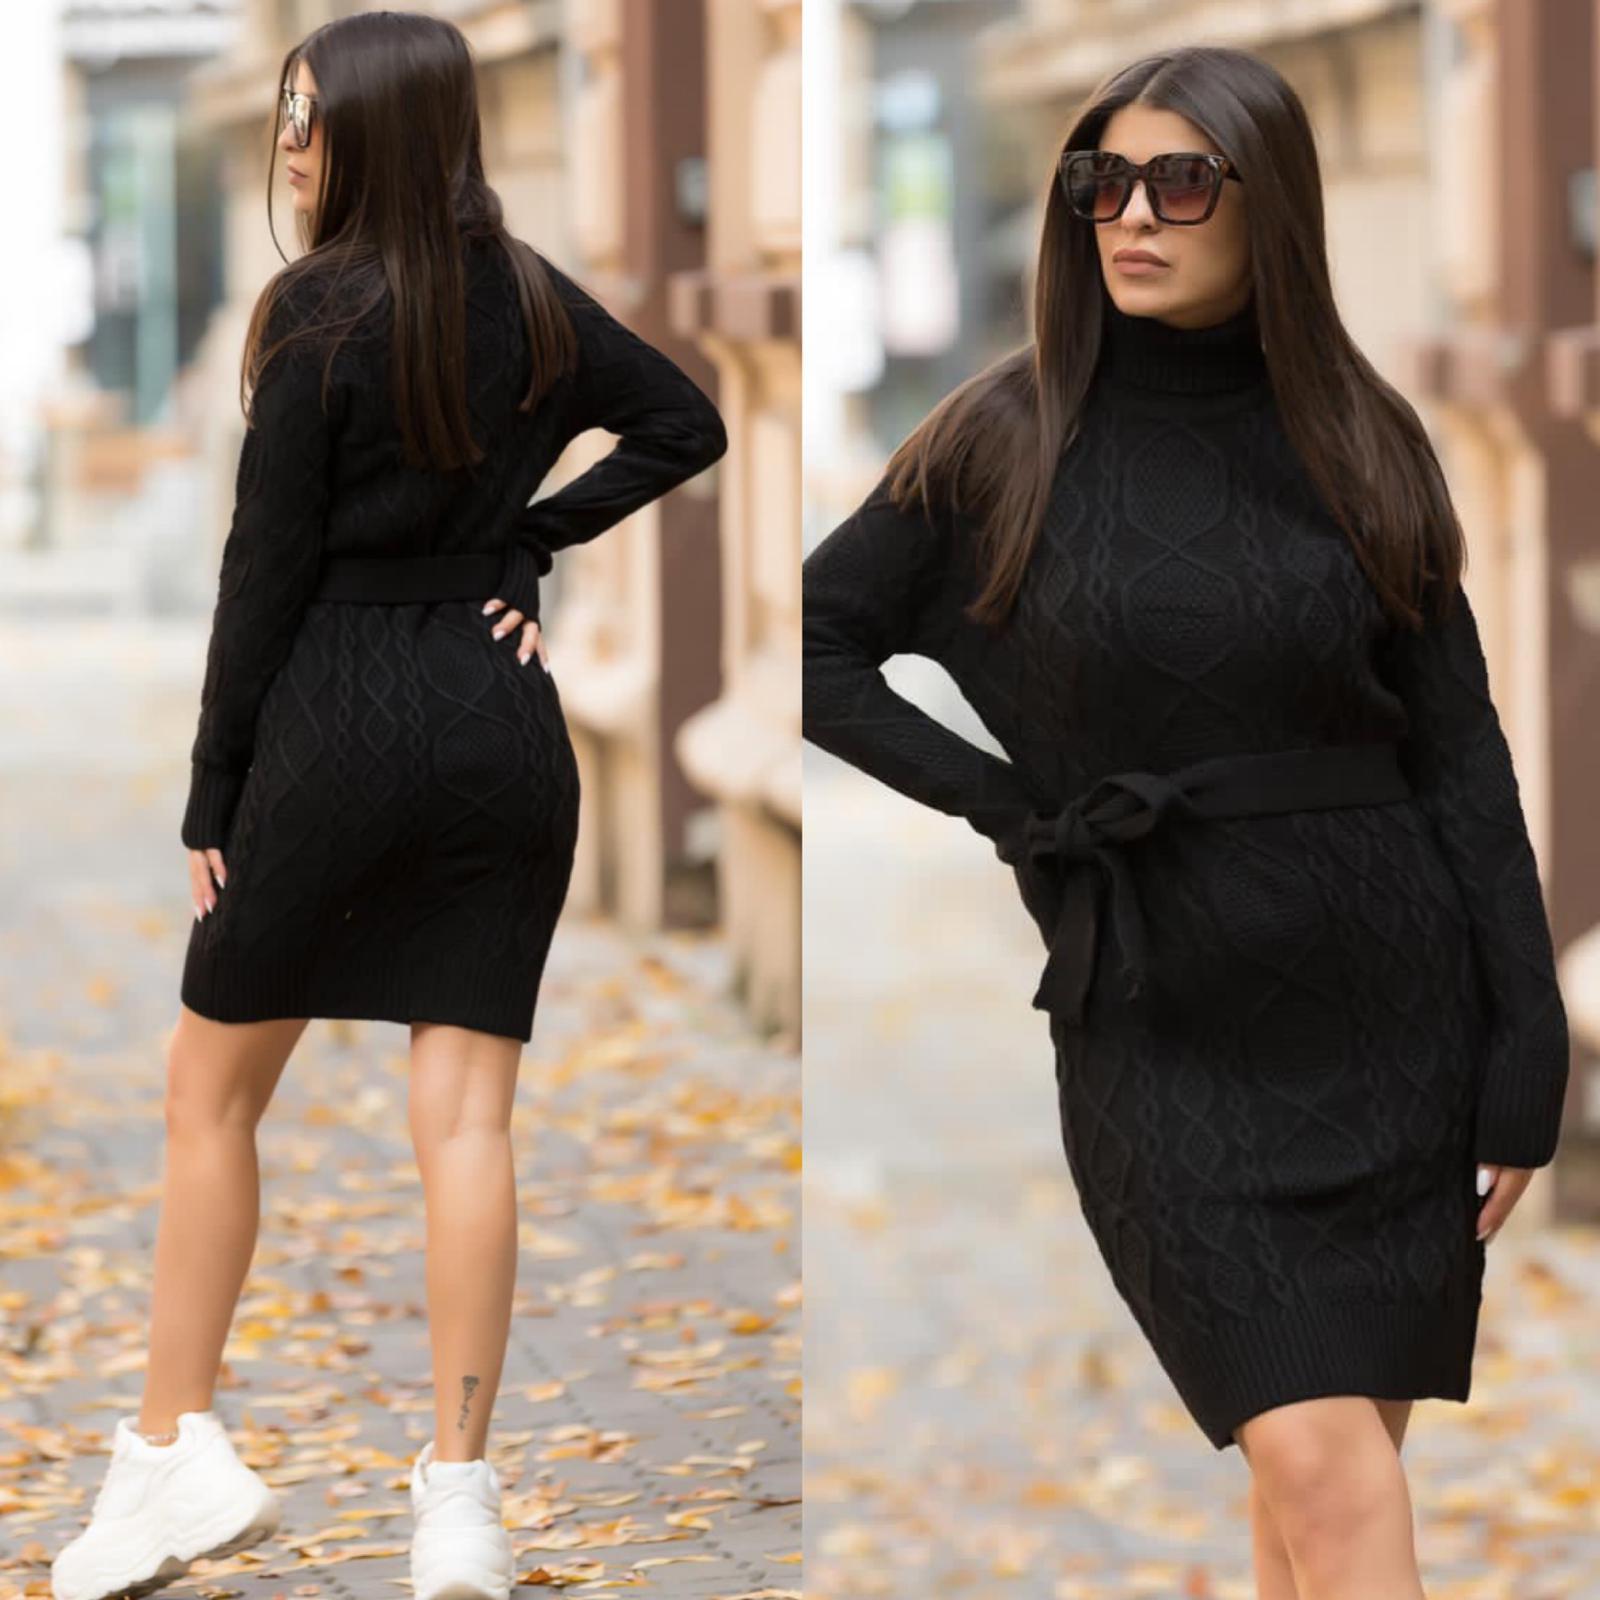 Rochie neagra scurta cu decupaj din tricot pentru iarna